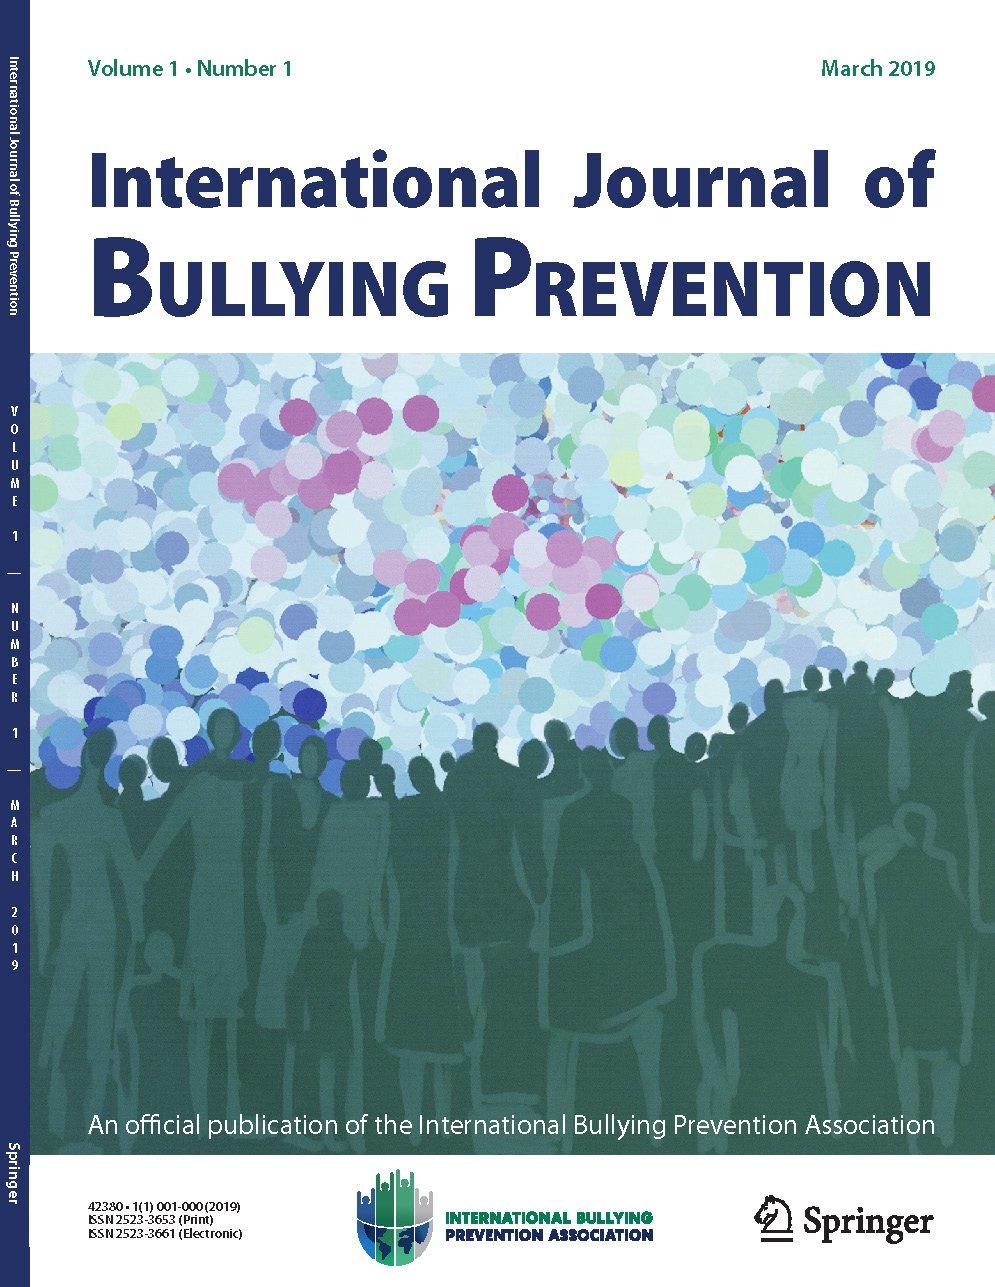 international-journal-bullying-prevention-cover